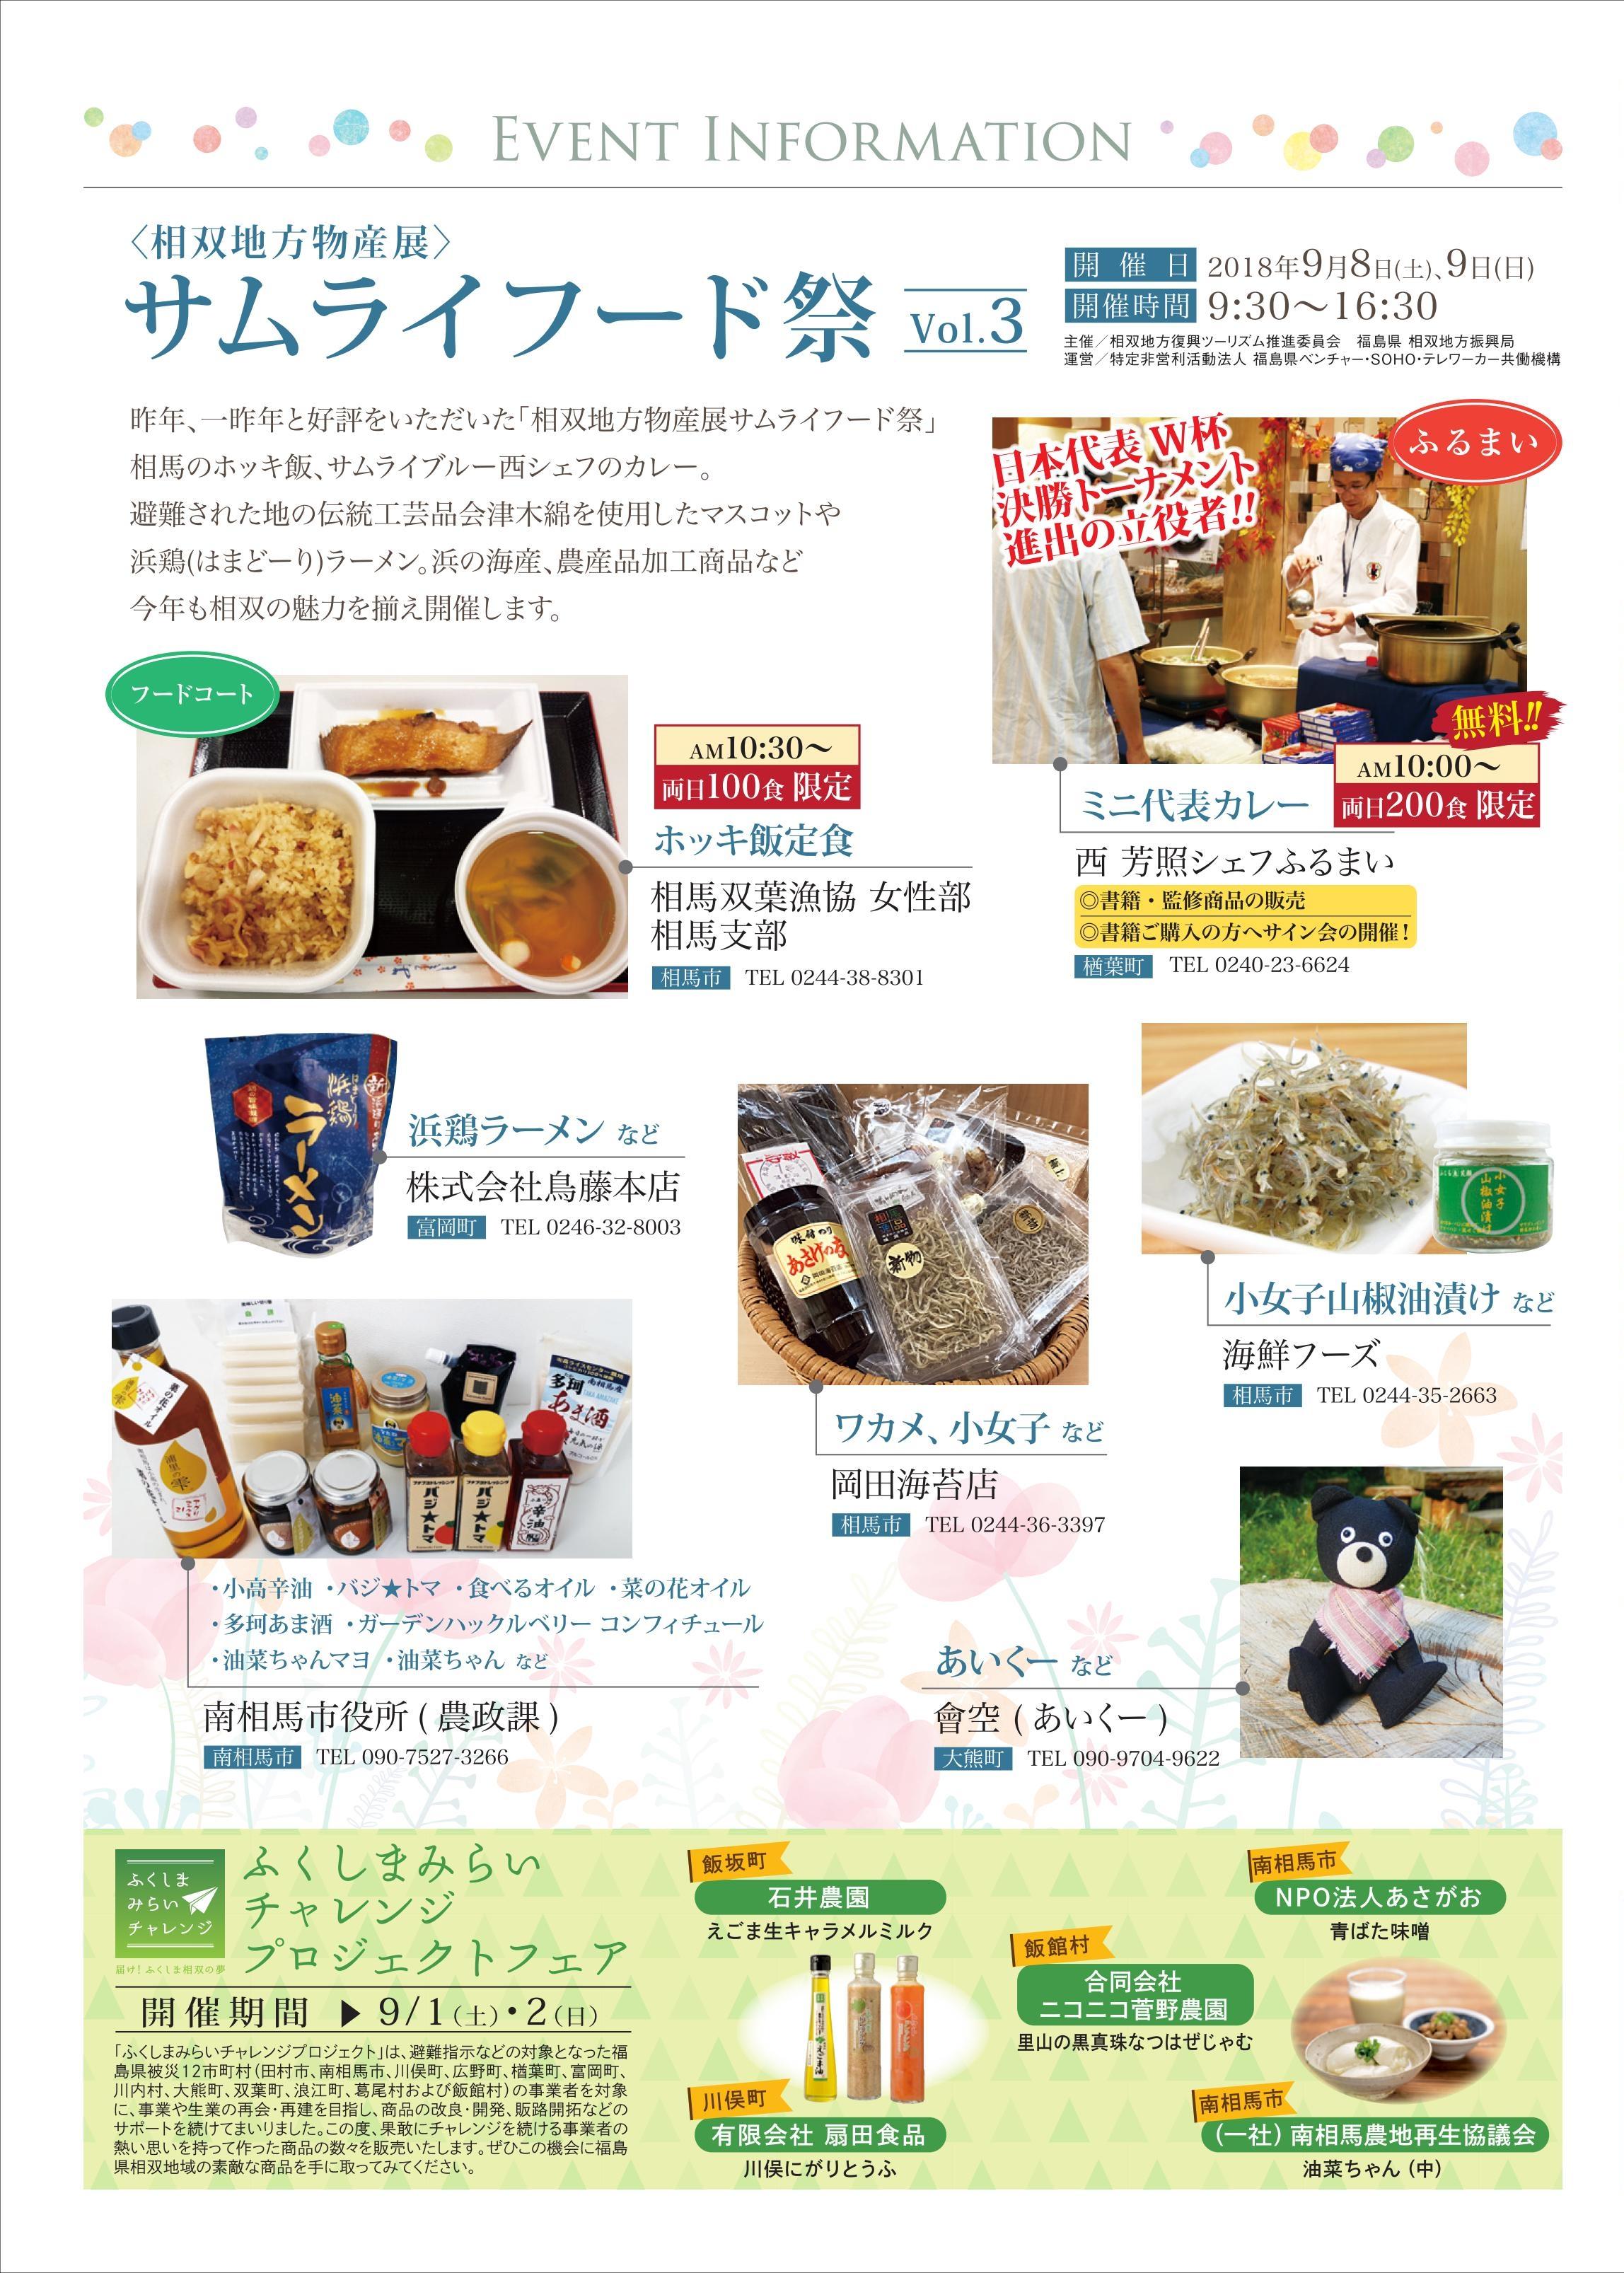 2018.9.8・9福島県相双地方物産展「サムライフード祭Vol.3」